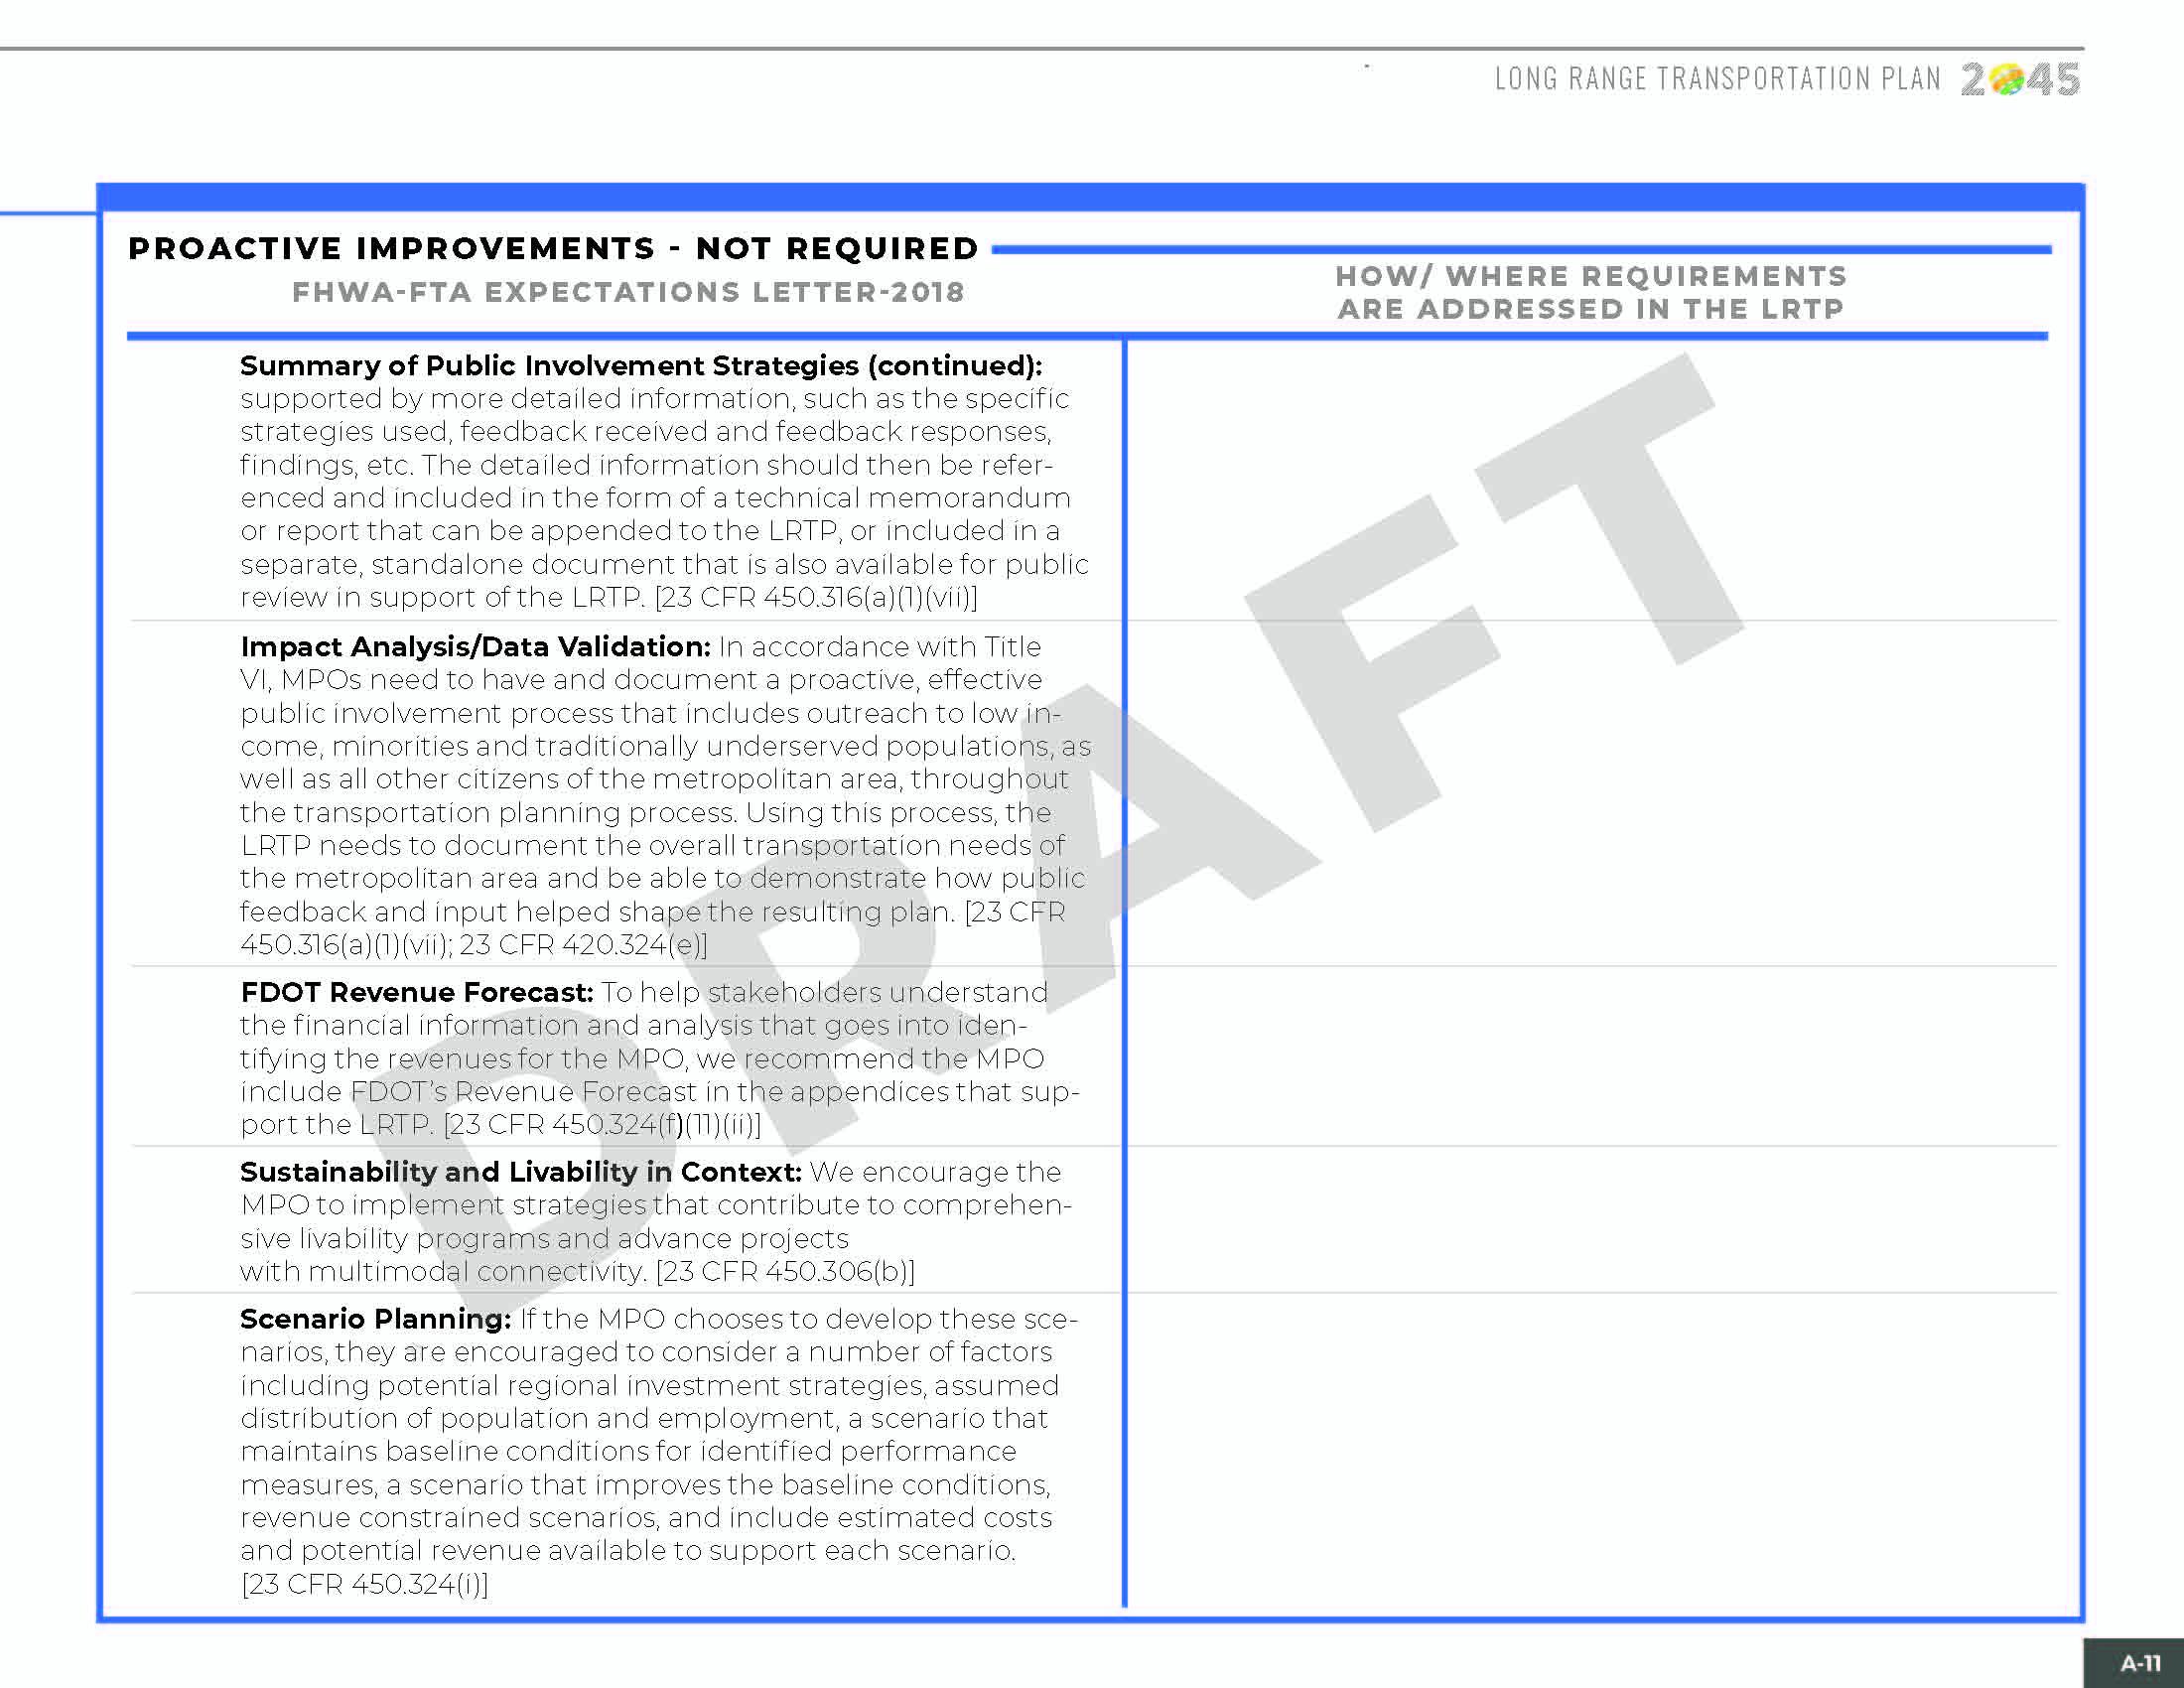 LRTP_072319_Page_195.jpg